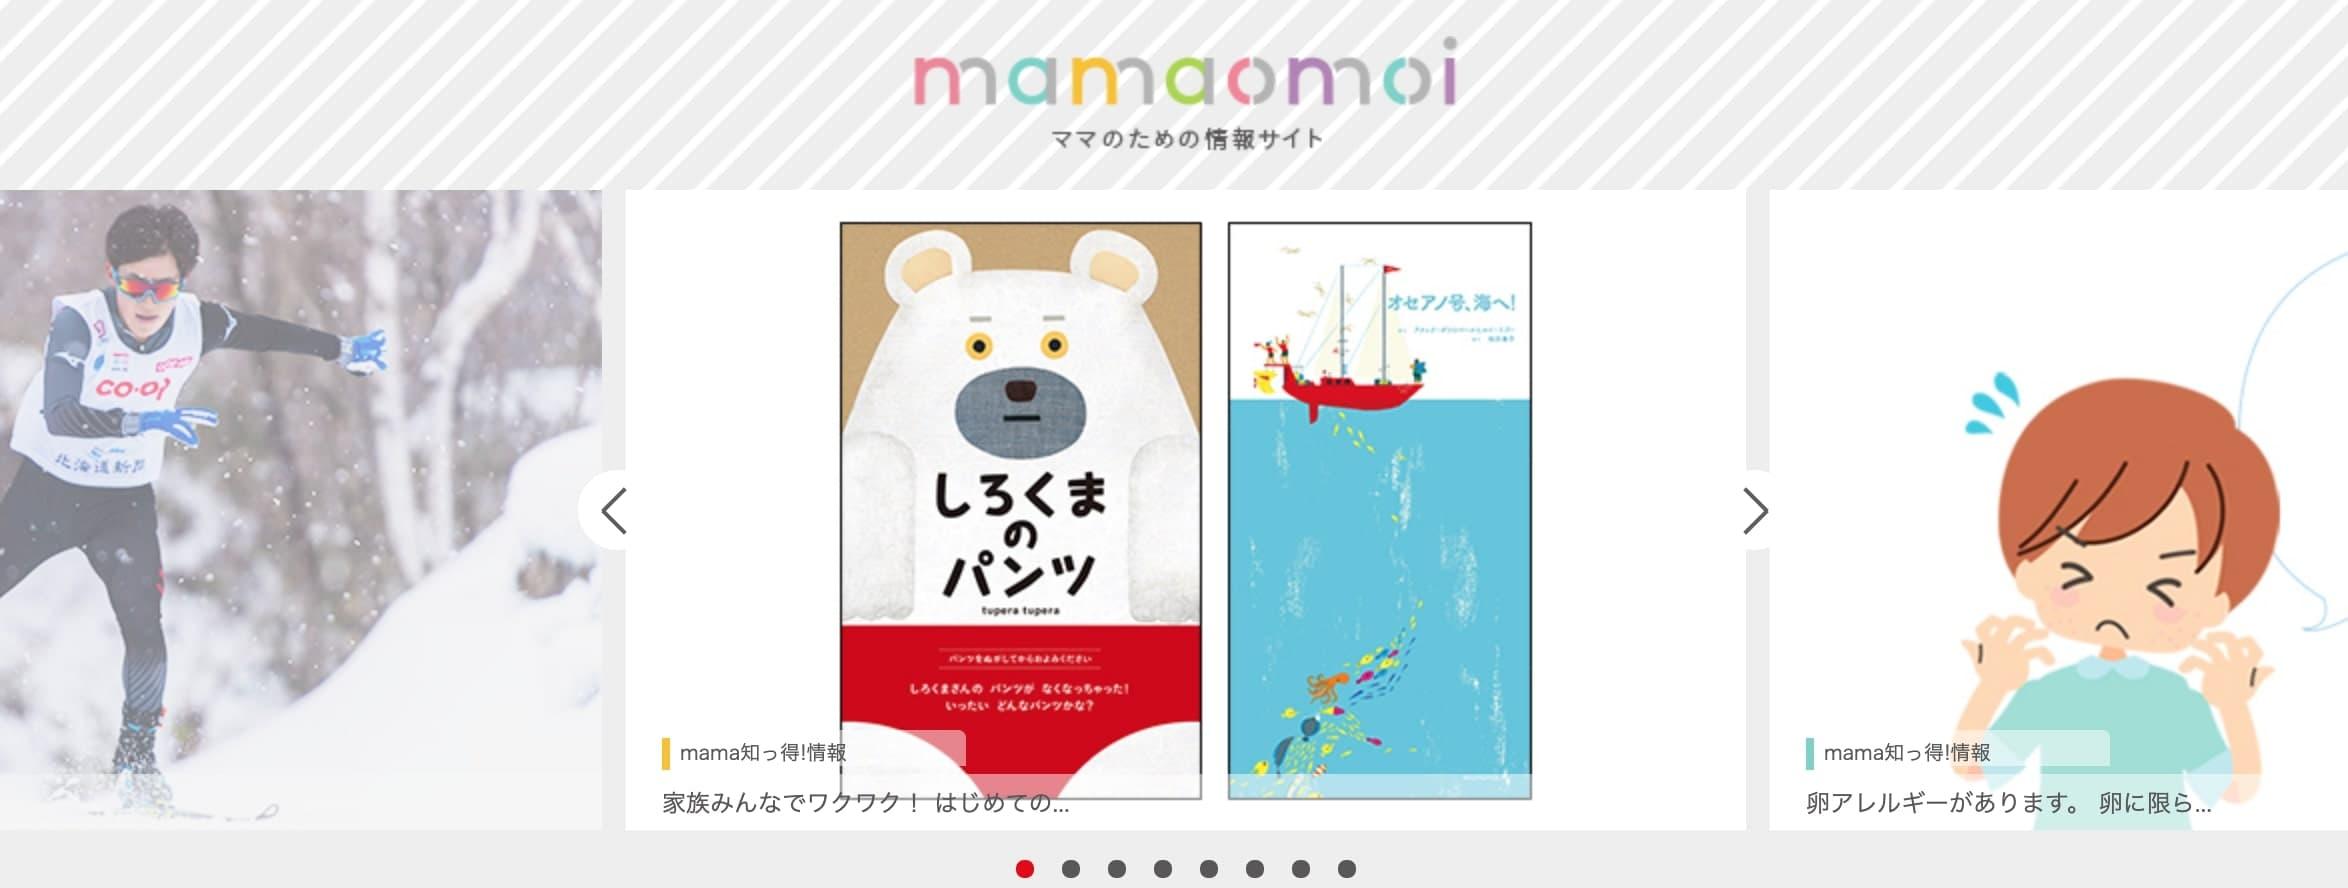 ママのための情報サイト「ママオモイ」